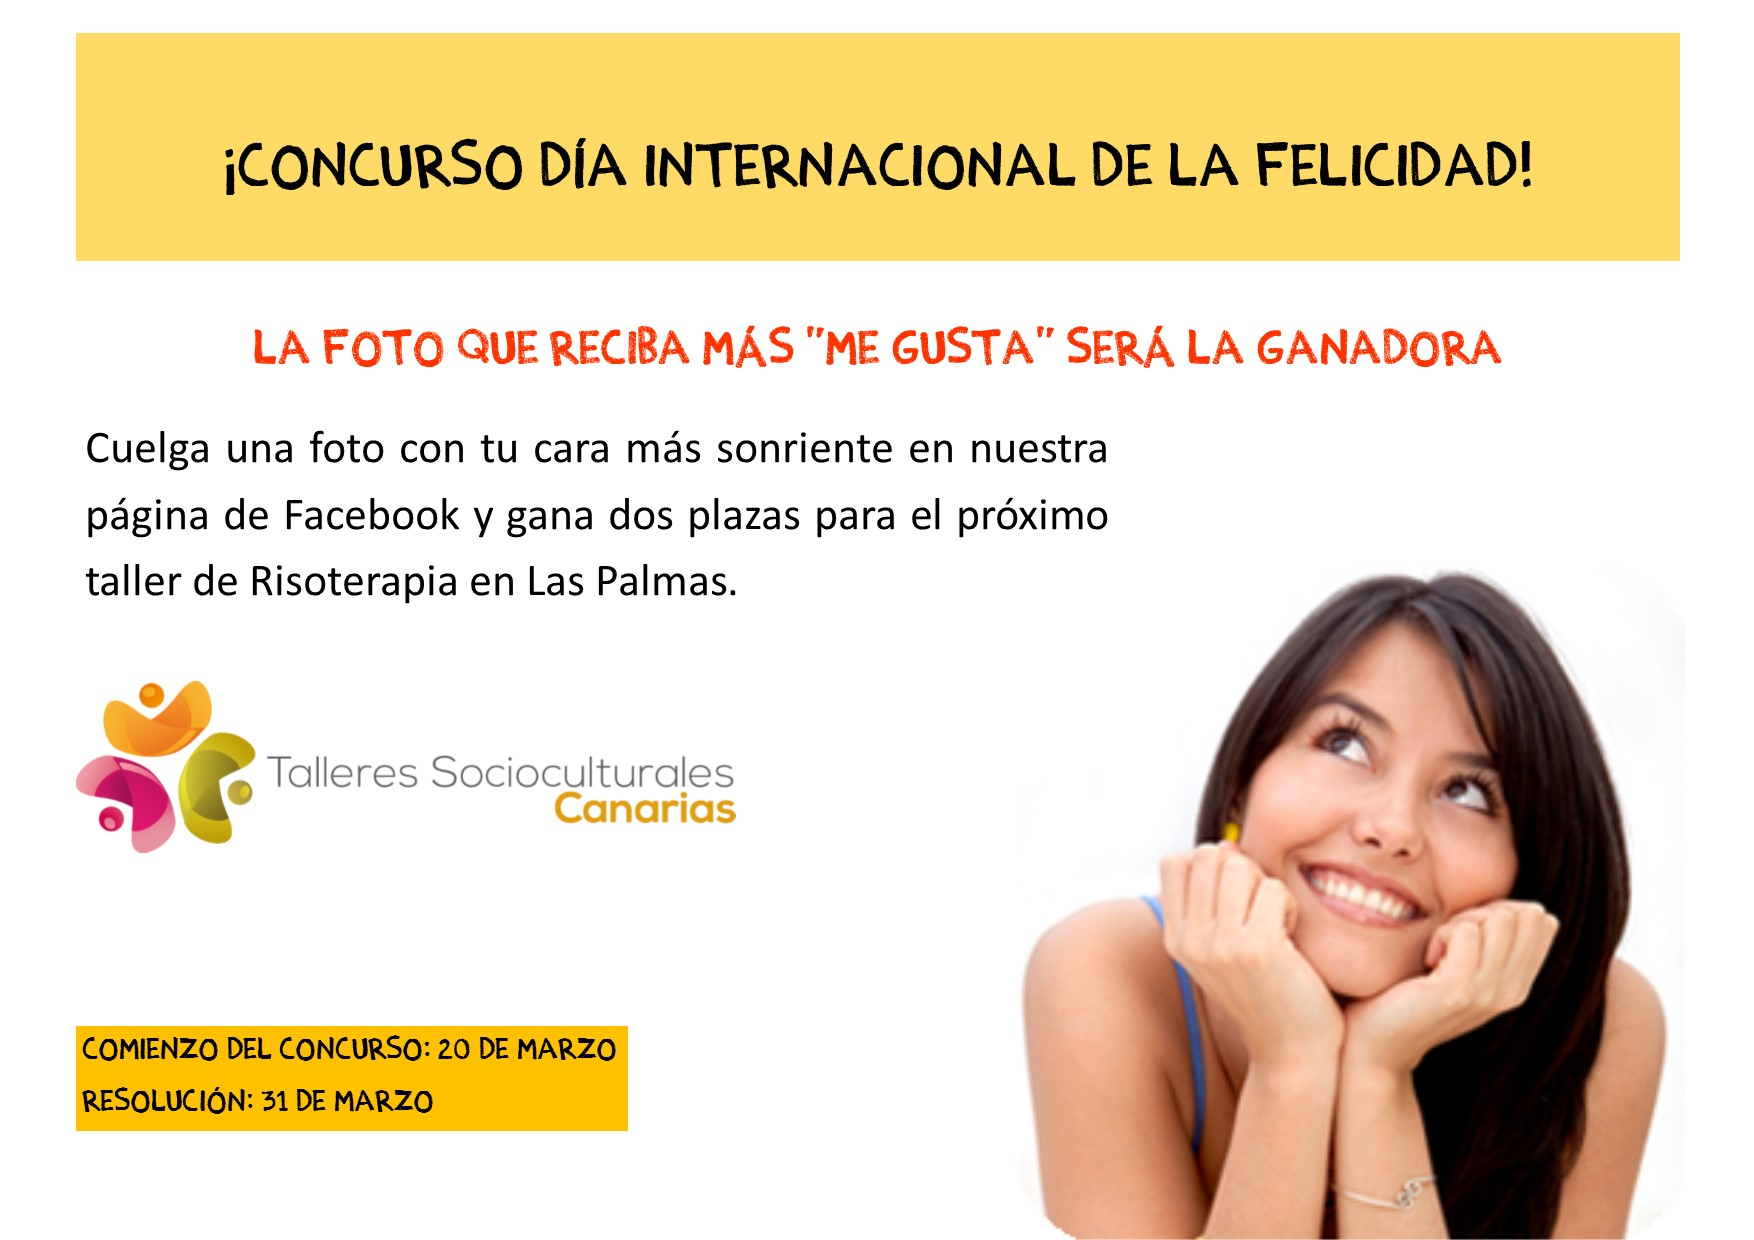 Nuevo concurso por el Día Mundial de la Felicidad